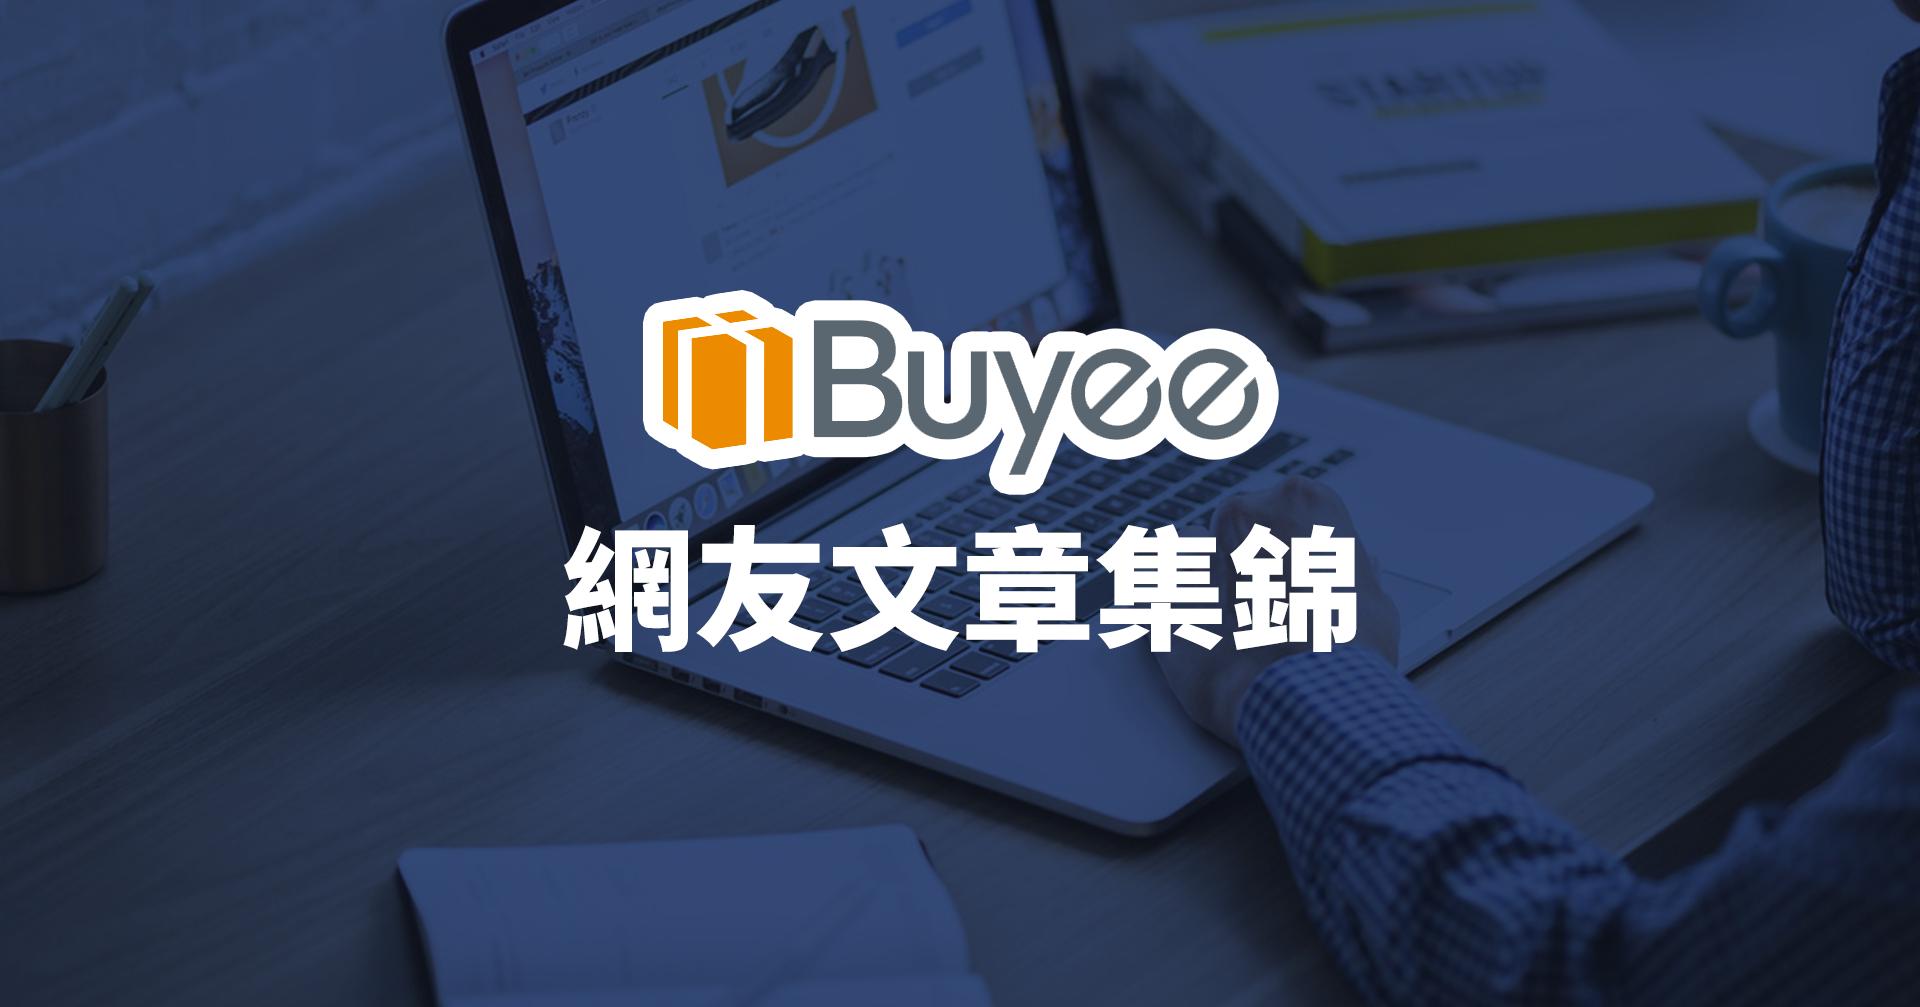 【網友體驗心得集錦】日本專業代購平台 Buyee 享受無時差的日貨購物團